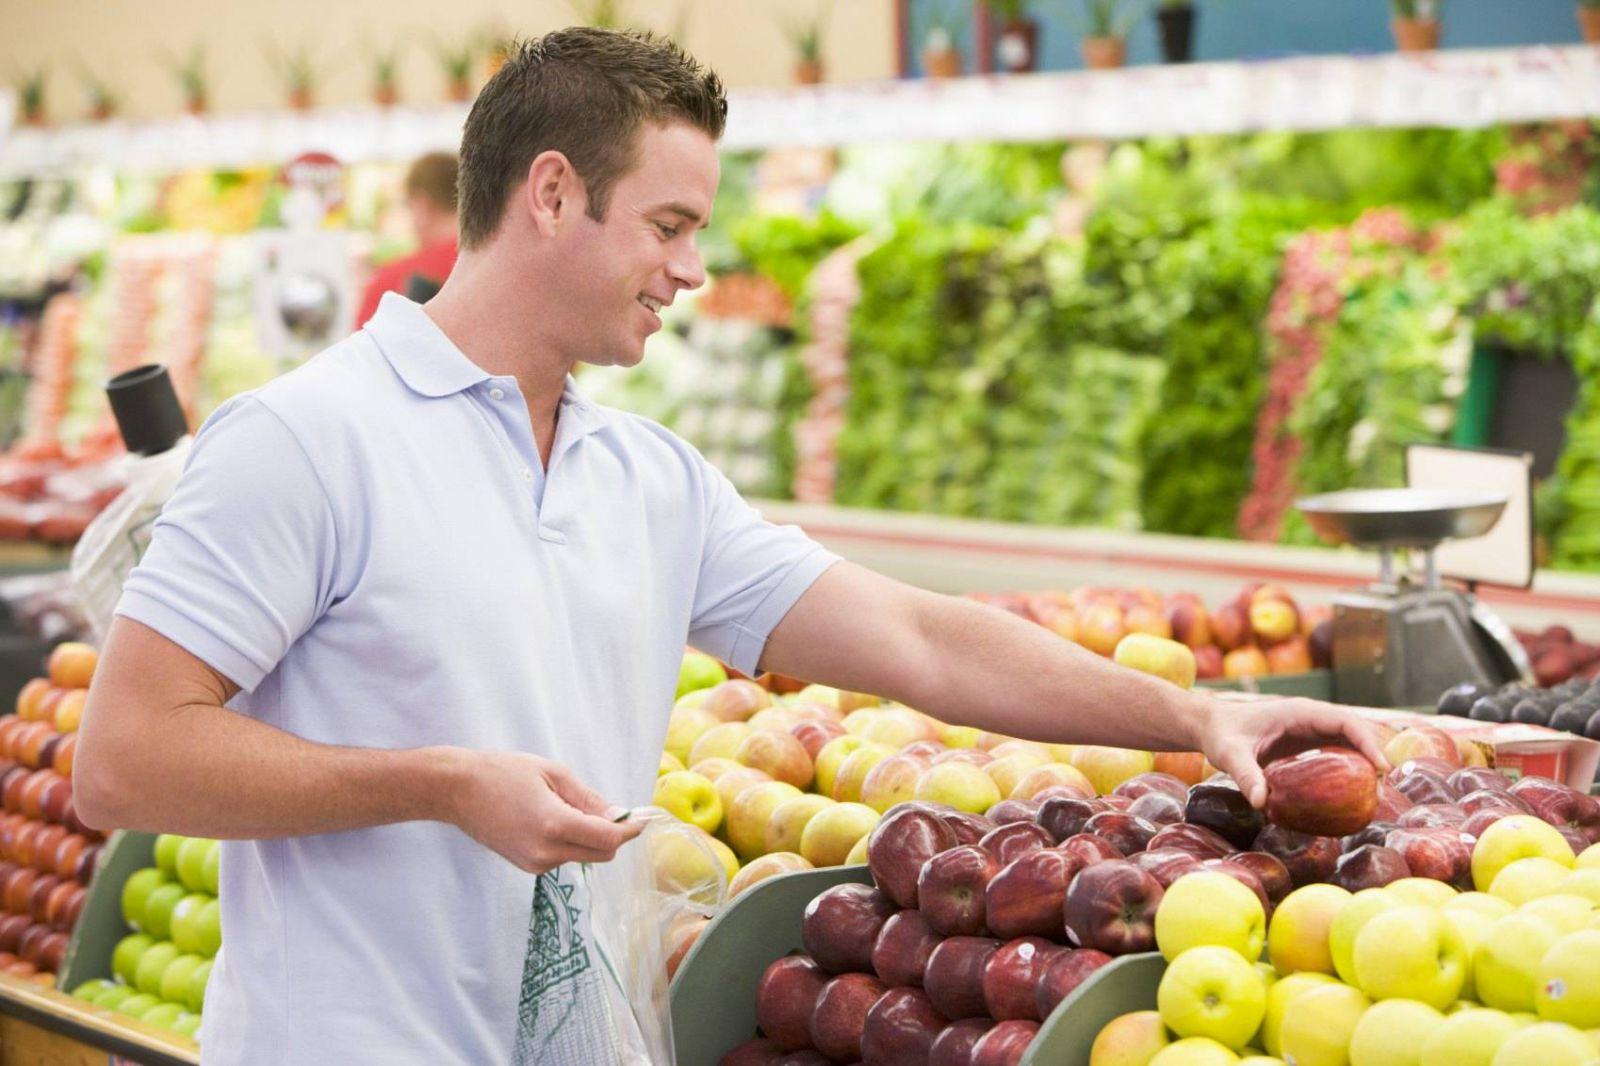 Chế độ ăn hợp lý giúp nam giới giảm cân mà vẫn đảm bảo được sức khỏe